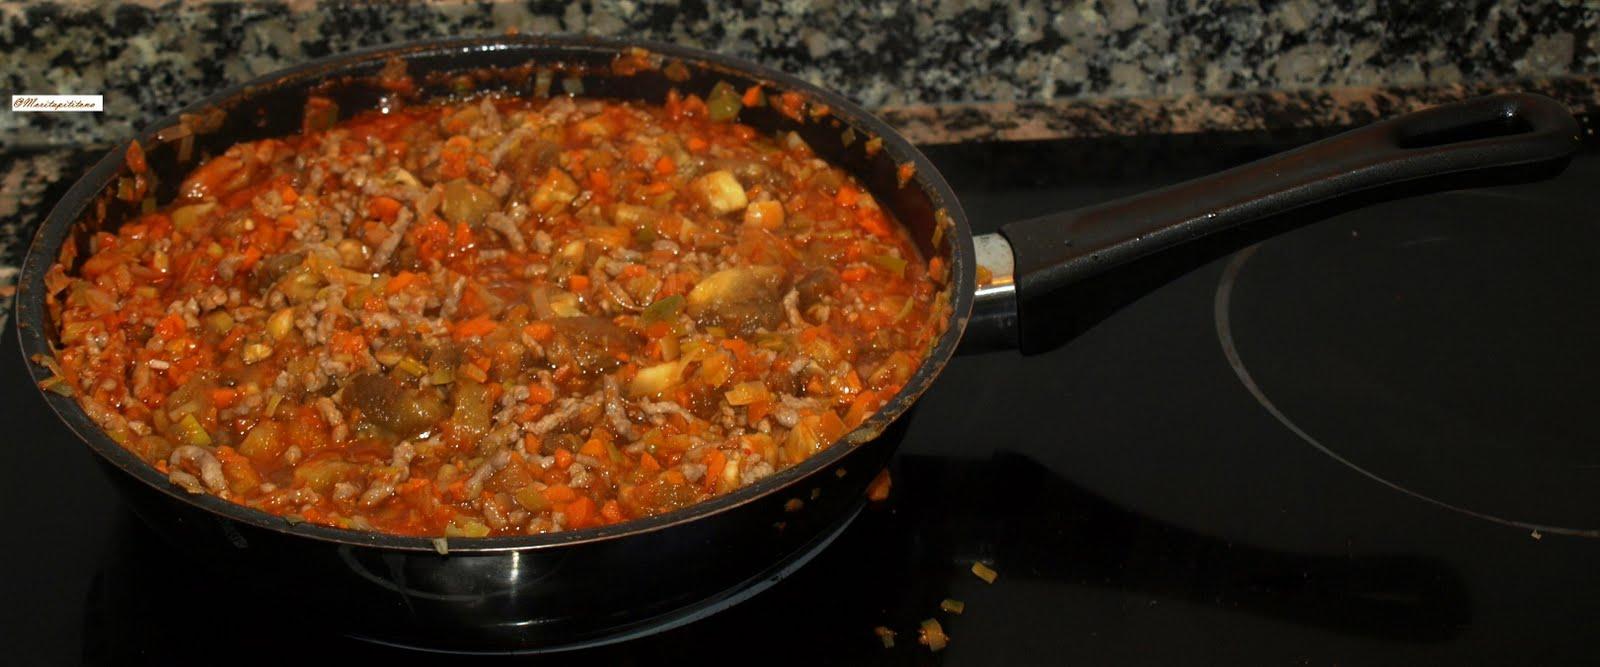 Cocinar es vivir y bordar tambi n berenjenas rellenas de for Cocinar 180 grados